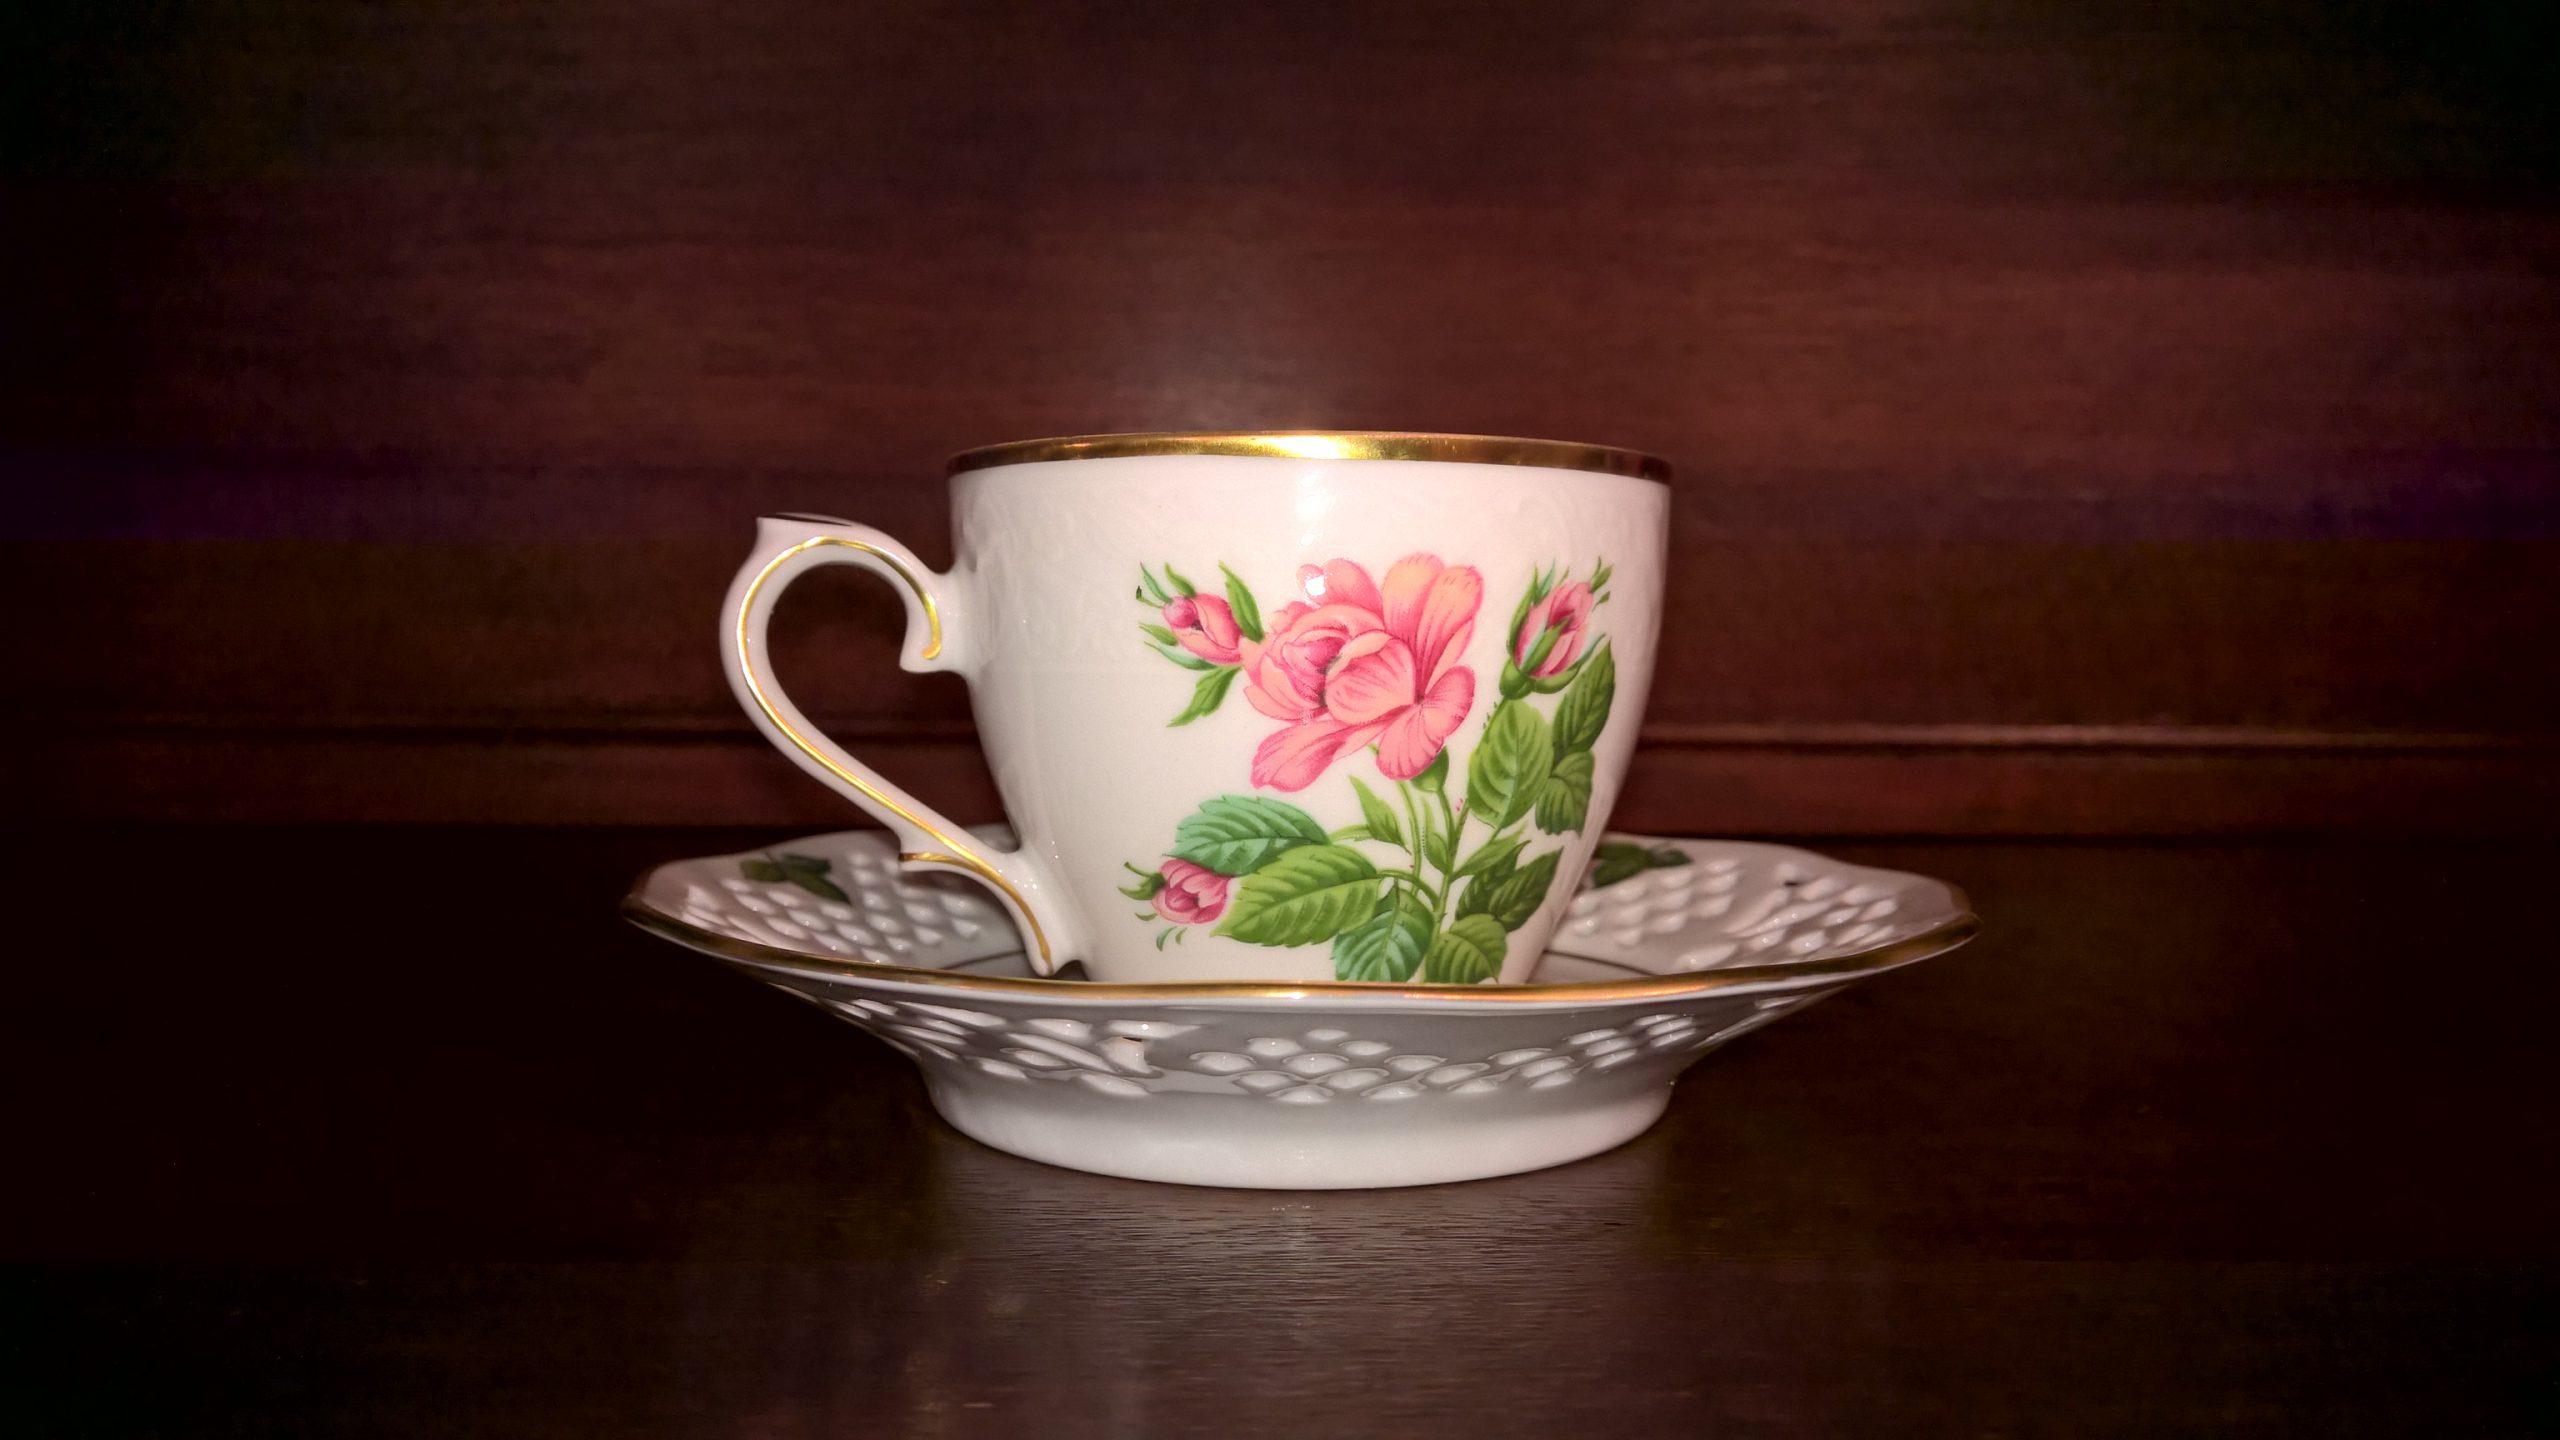 W krainie porcelany